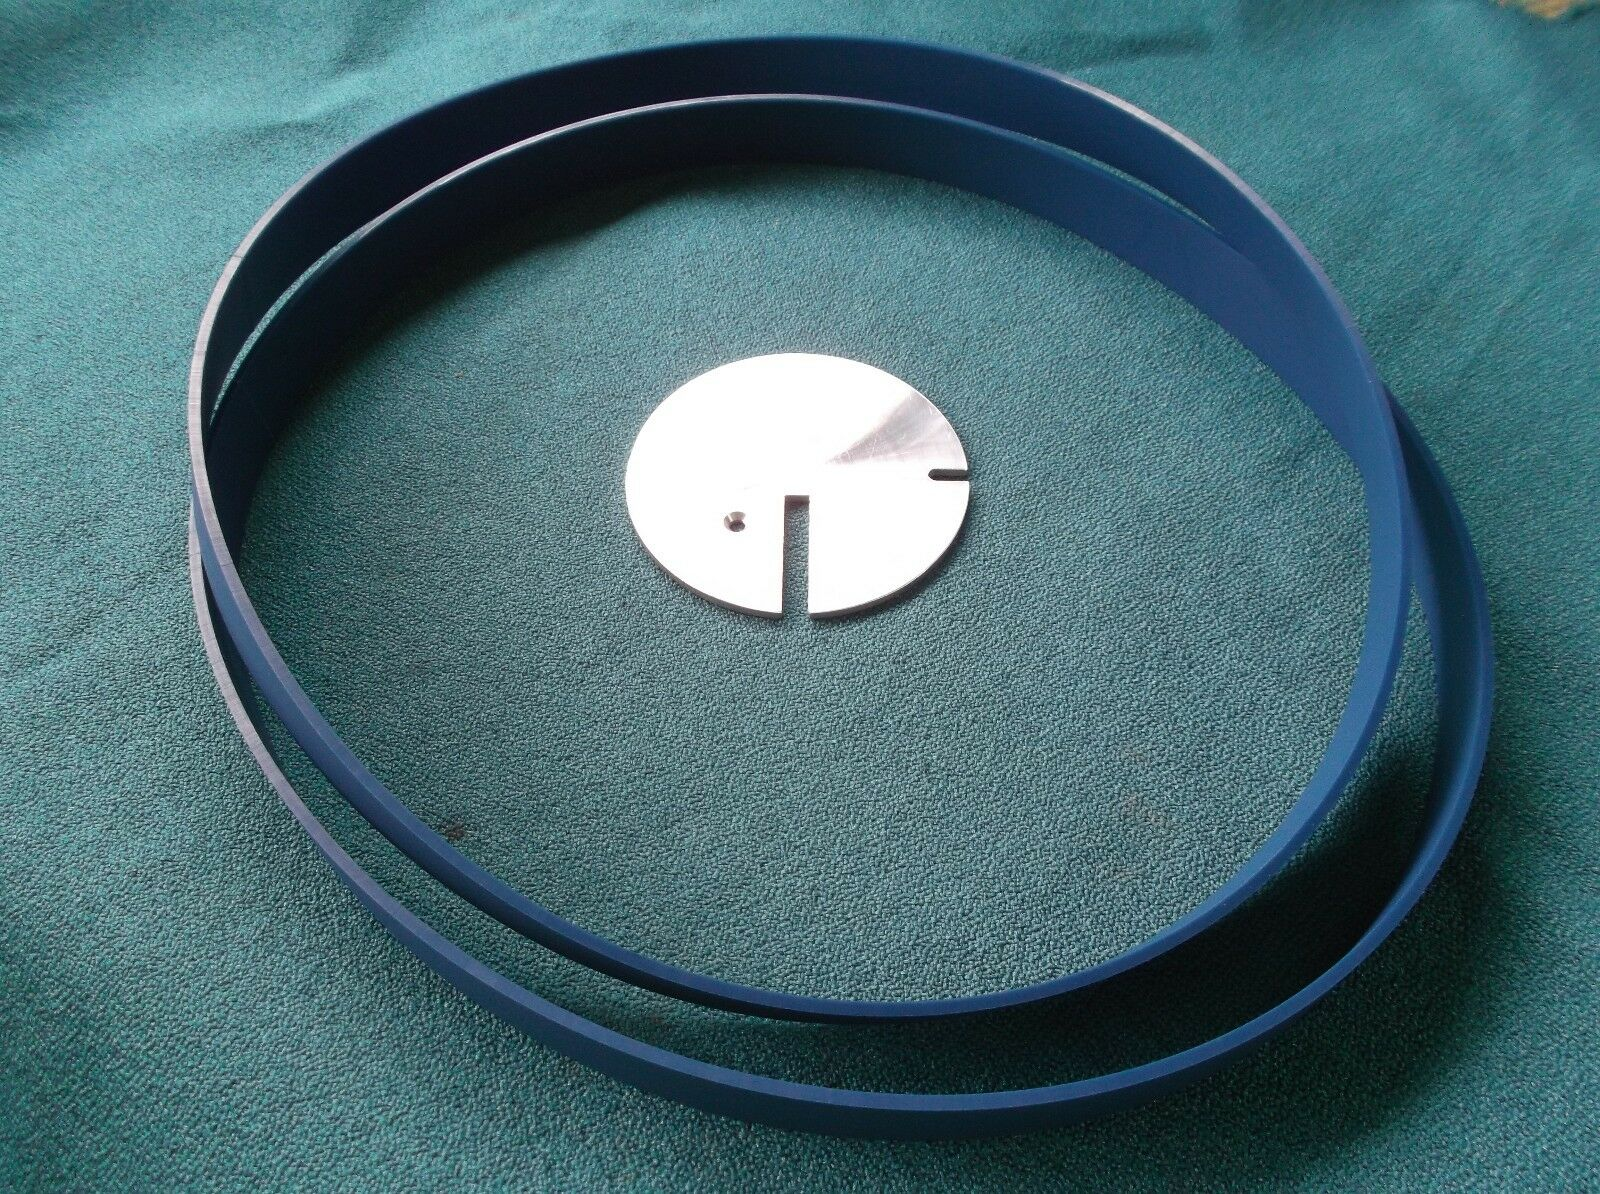 2 Blau di Max a Nastro Sega Pneumatici e Tavolo Inserto per Artigiano